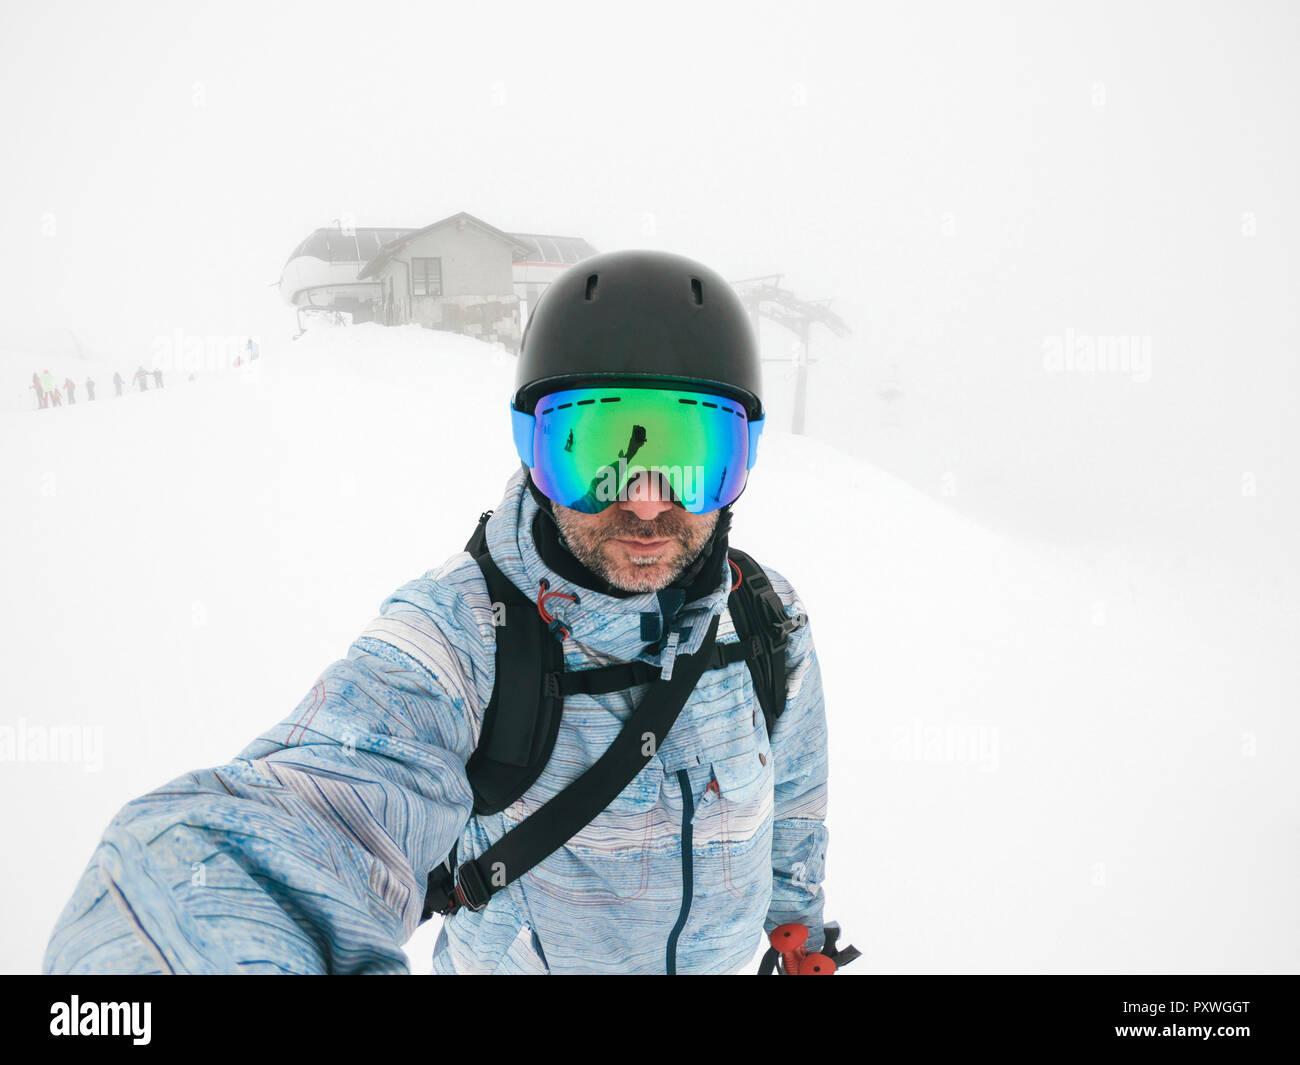 L'Italia, Modena, Cimone, ritratto di uomo che indossa gli occhiali da sci e casco di haze Immagini Stock